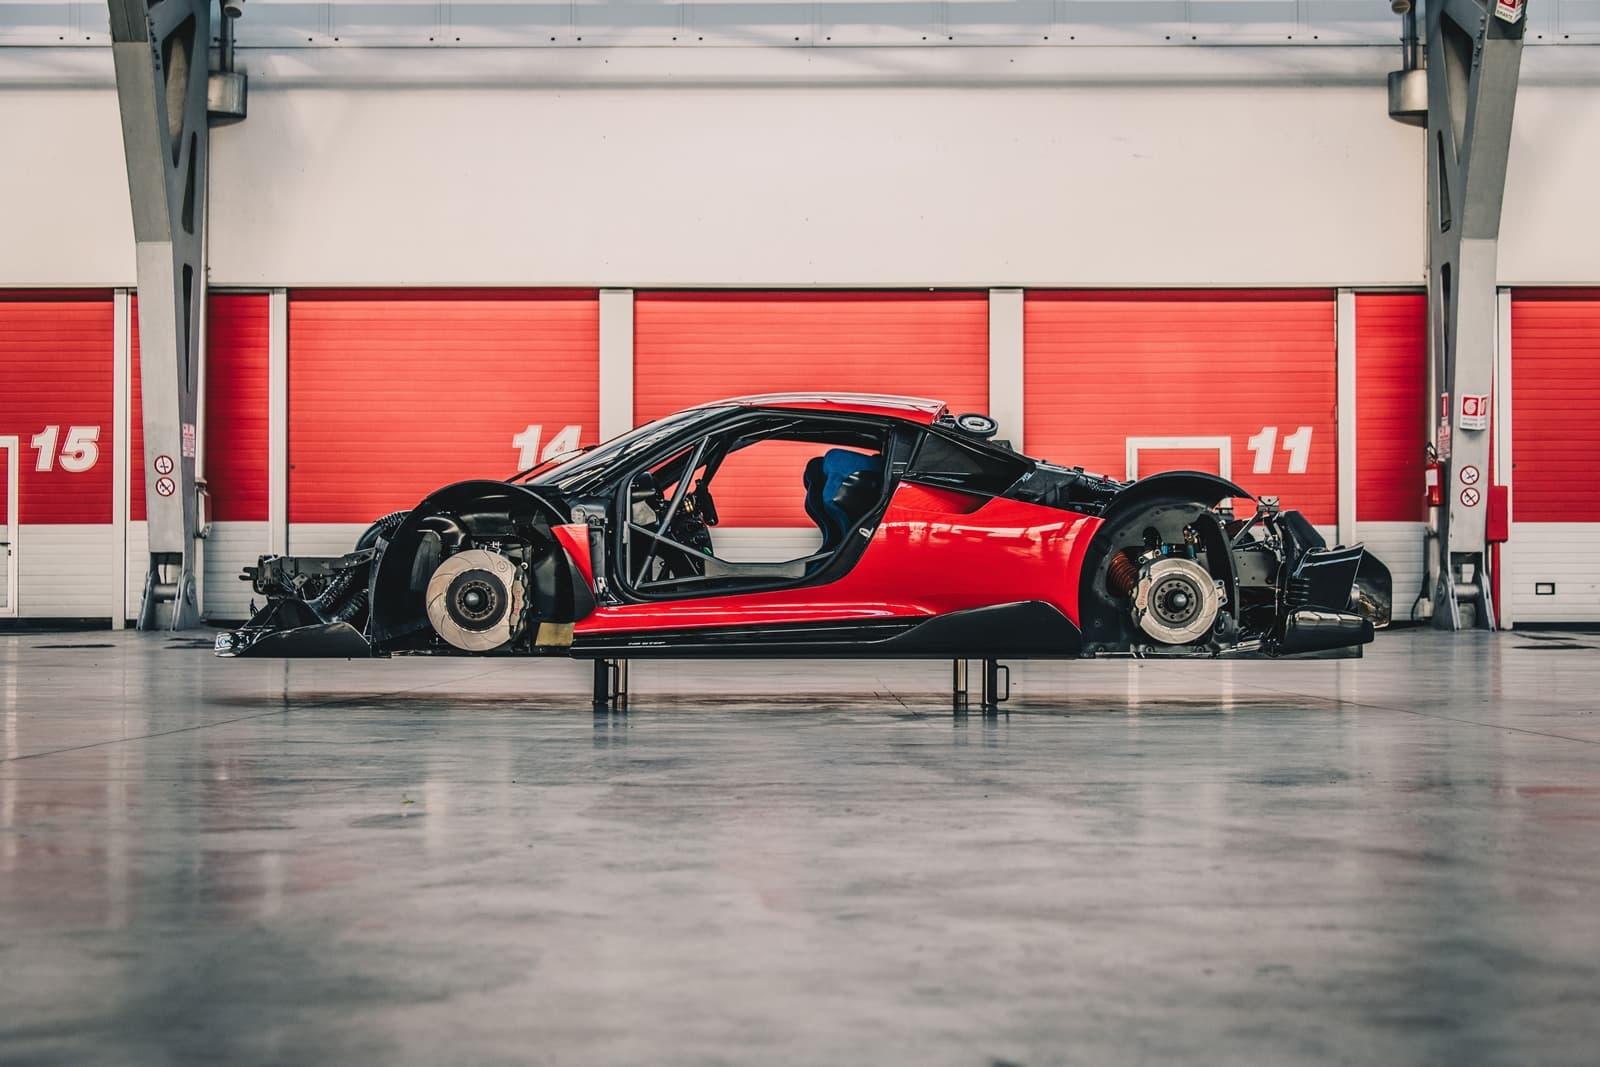 Ferrari P80c 2019 0319 005